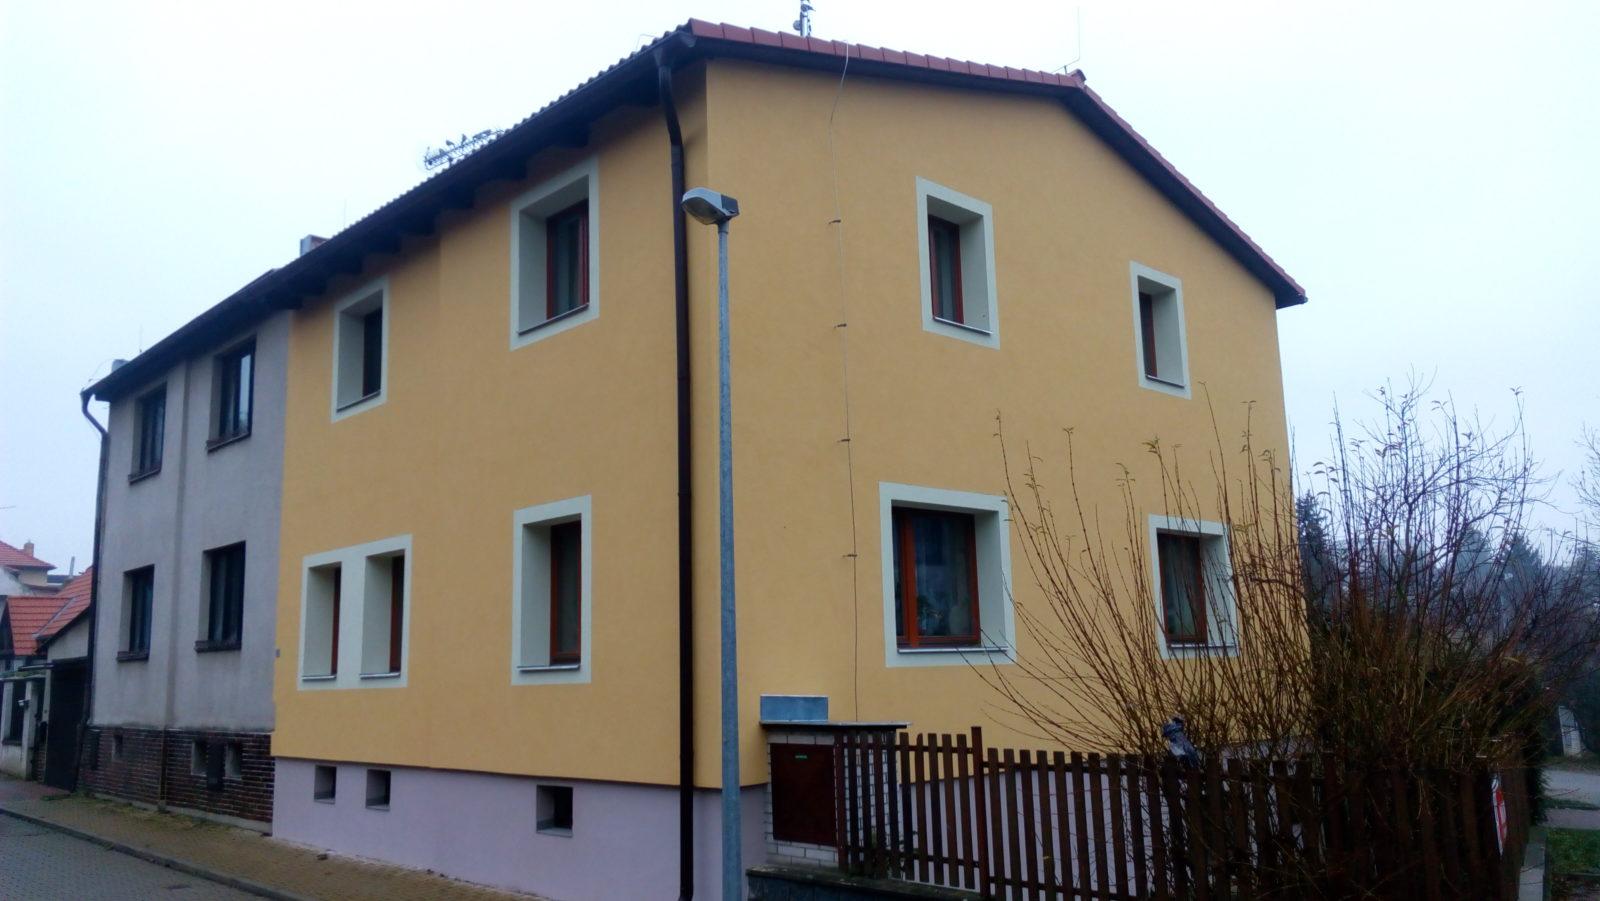 rekonstrukce domu 1 praha 6